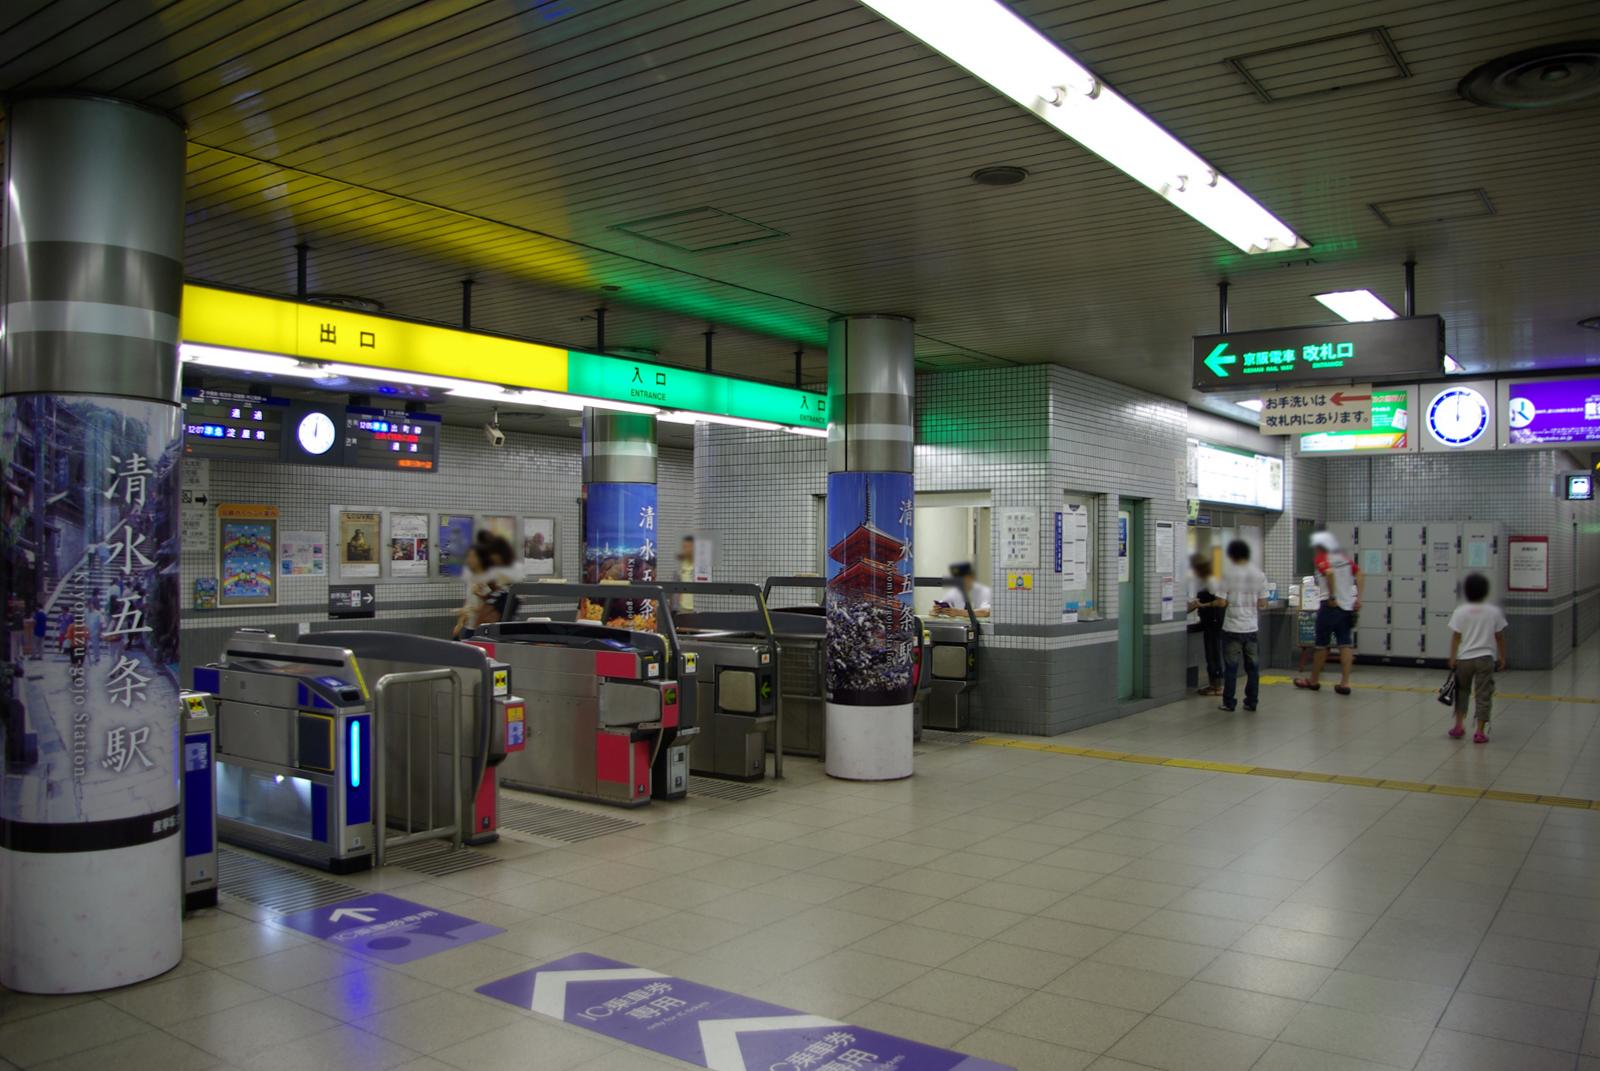 Stasiun Kiyomizu-gojo